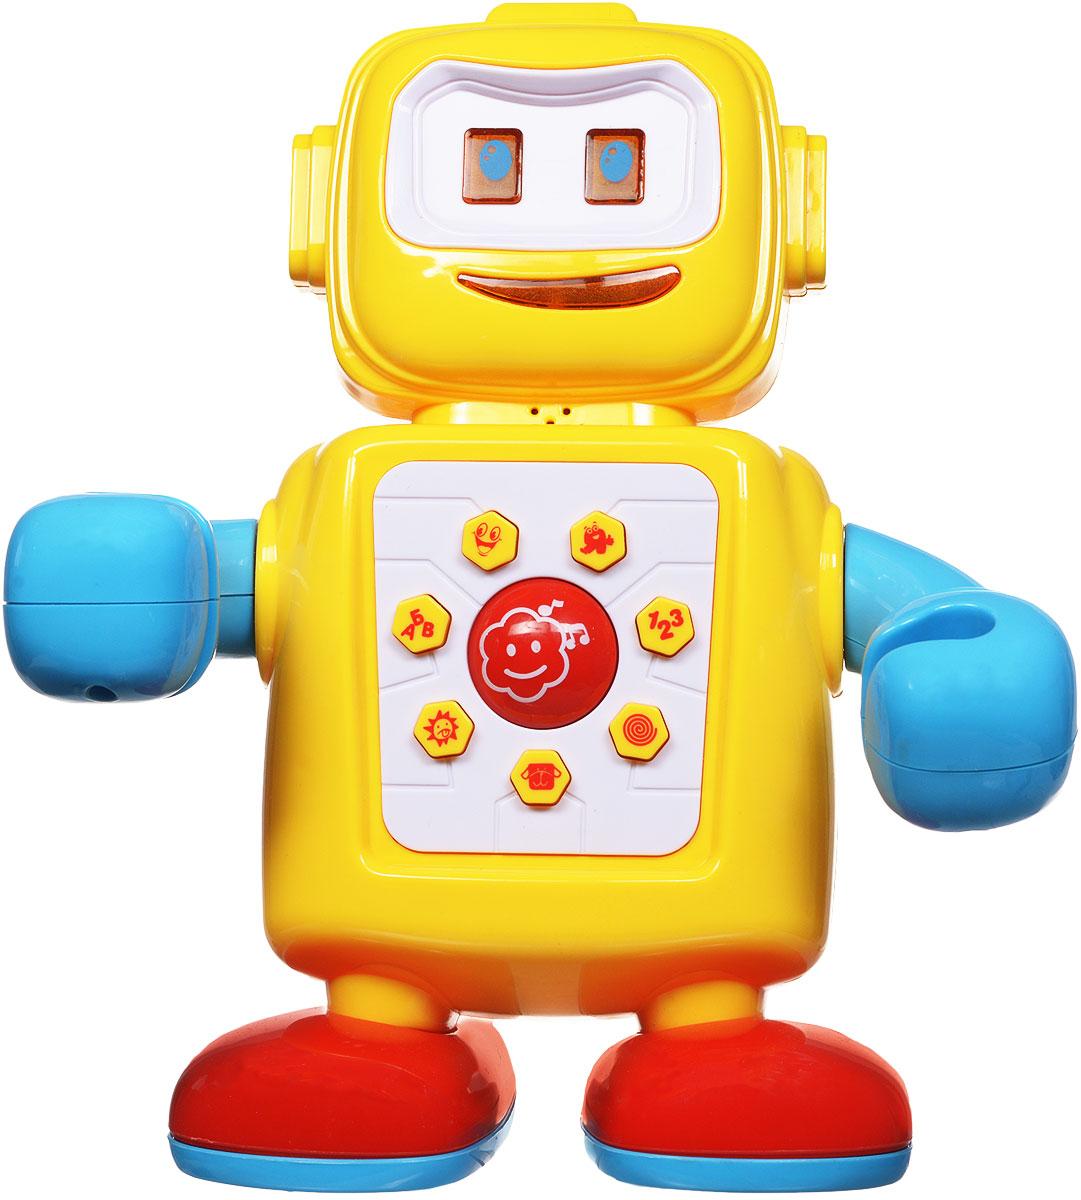 Zhorya Развивающая игрушка Музыкальный роботХ75125Музыкальный робот - отличный собеседник и учитель для самых маленьких. Своей яркой и веселой расцветкой он привлечет внимание детей. Положение ручек у игрушки можно регулировать в нескольких позициях, имитируя движения настоящего робота. Робот имеет русскую озвучку и может научить ребенка веселым фразам, скороговоркам и даже песенкам, достаточно нажать на одну из кнопок на животике! Игрушка также предложит ребенку повторять за ней буквы и цифры, таким образом малыш будет запоминать их на слух. Когда робот говорит, у него светится рот, это создает ощущение настоящего общения с игрушкой! С таким милым пластмассовым другом развитие речи и познание мира будет проходить интересно и продуктивно! Для работы игрушки необходимы 3 батарейки типа АА (не входят в комплект).